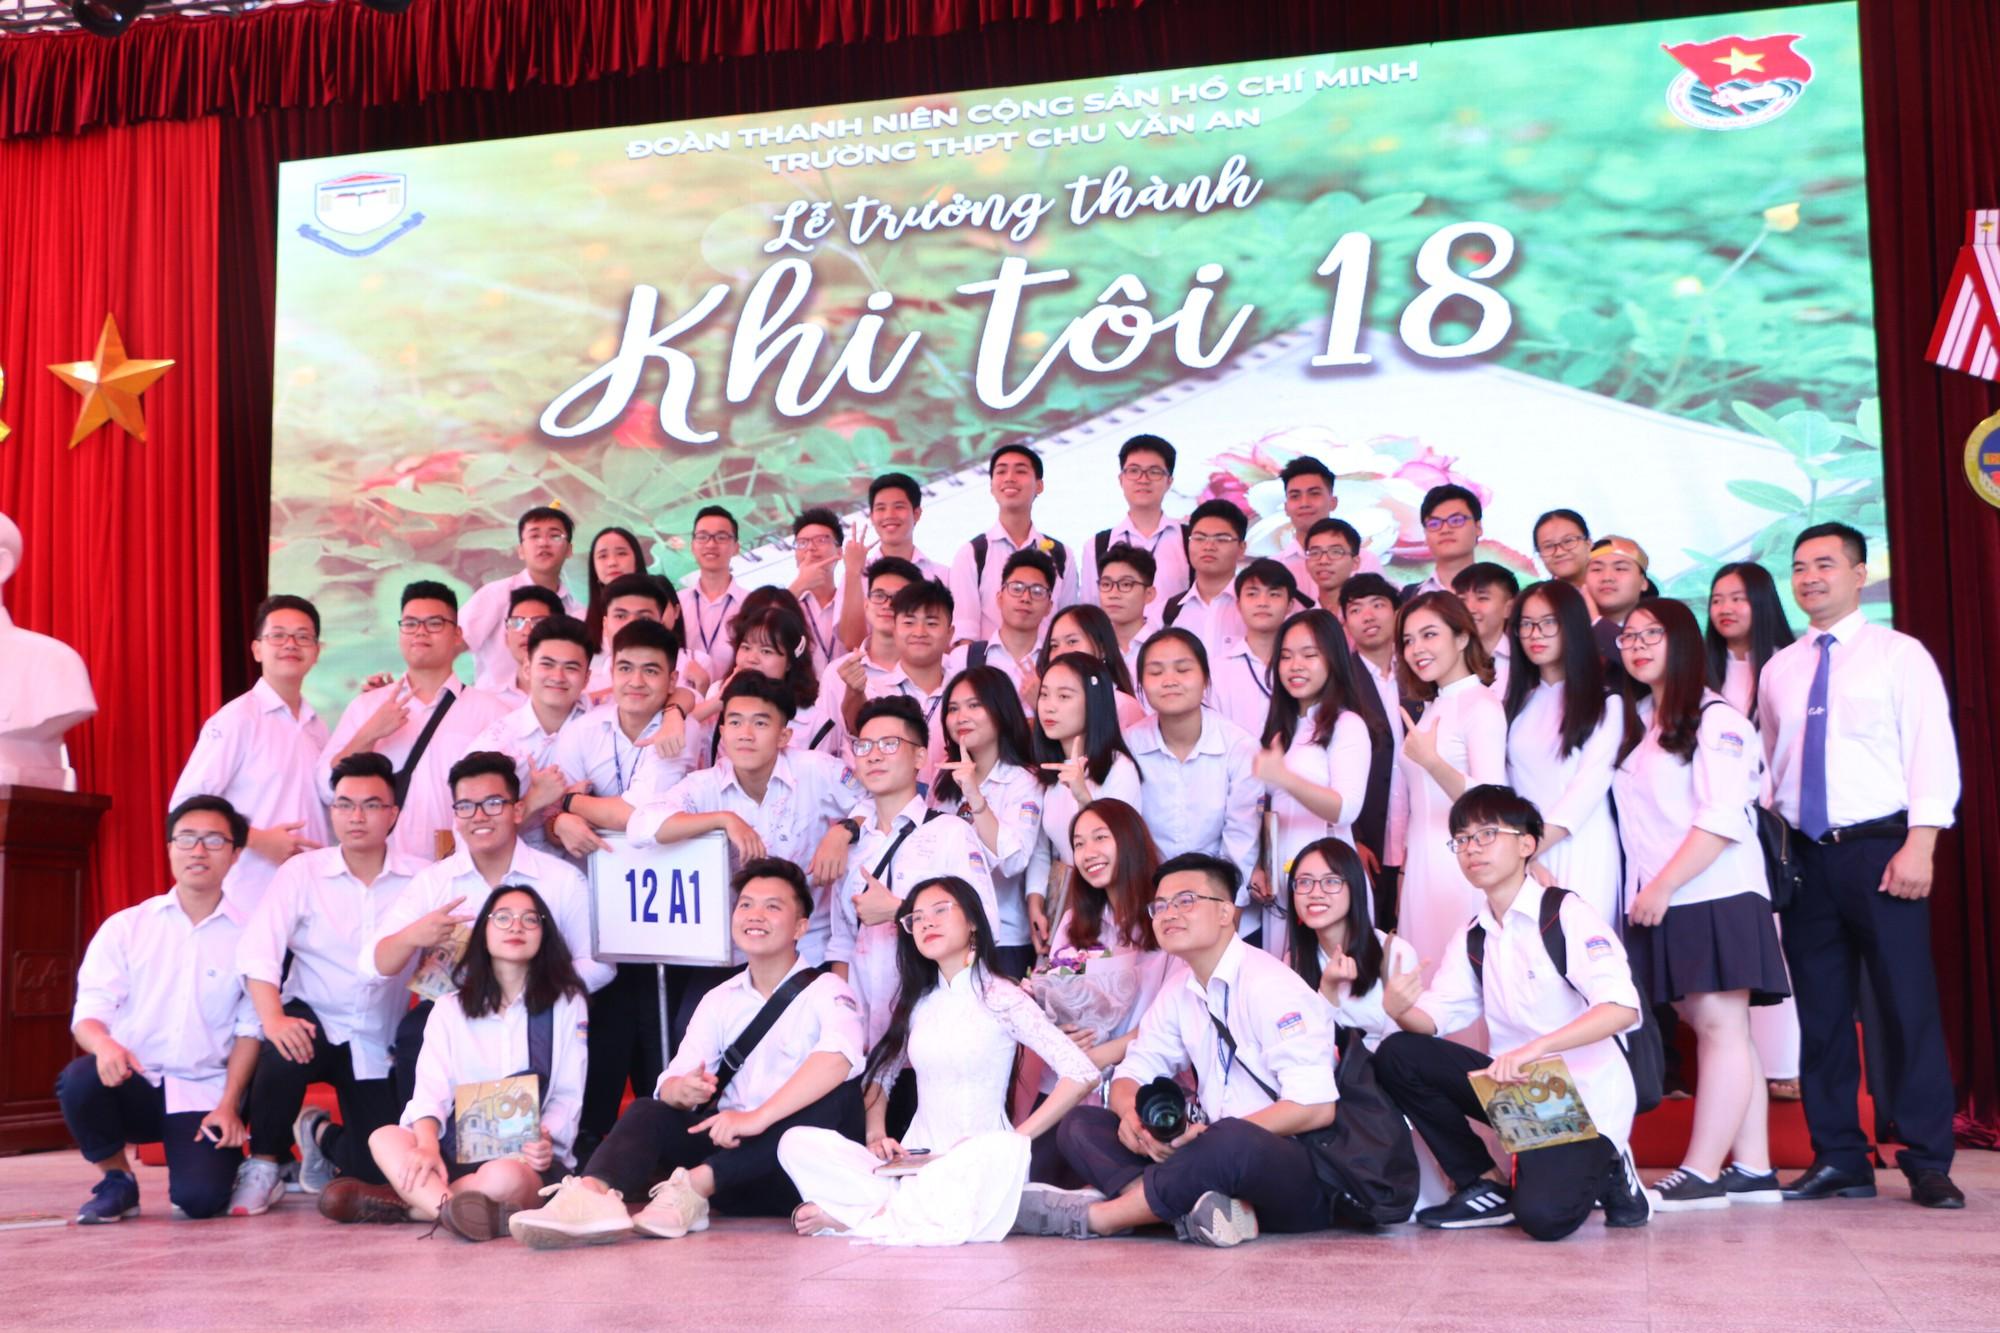 Ngắm nữ sinh Trường Chu Văn An duyên dáng, đẹp tinh khôi trong ngày bế giảng - Ảnh 17.